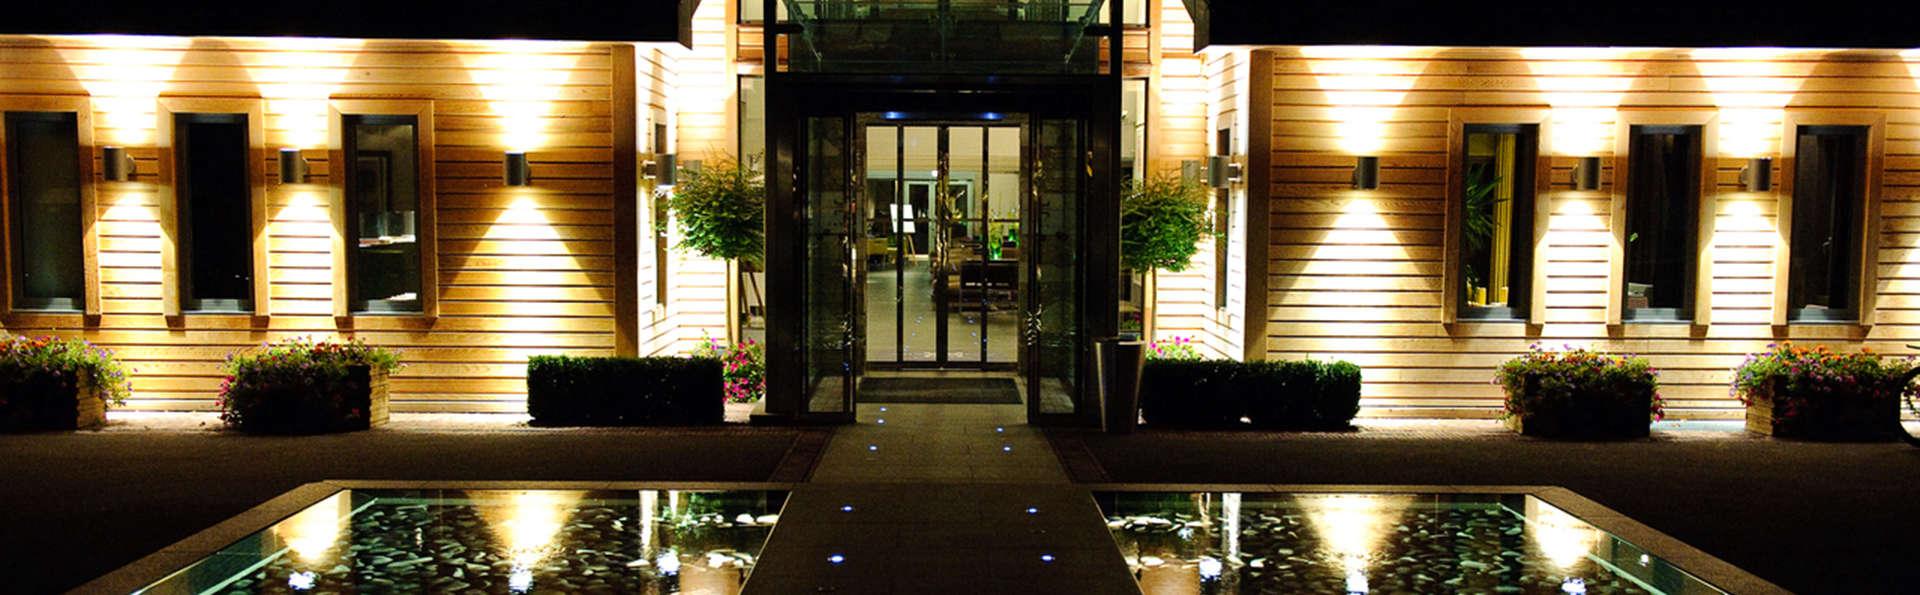 Jiva Hill Resort - EDIT_Exterior2.jpg